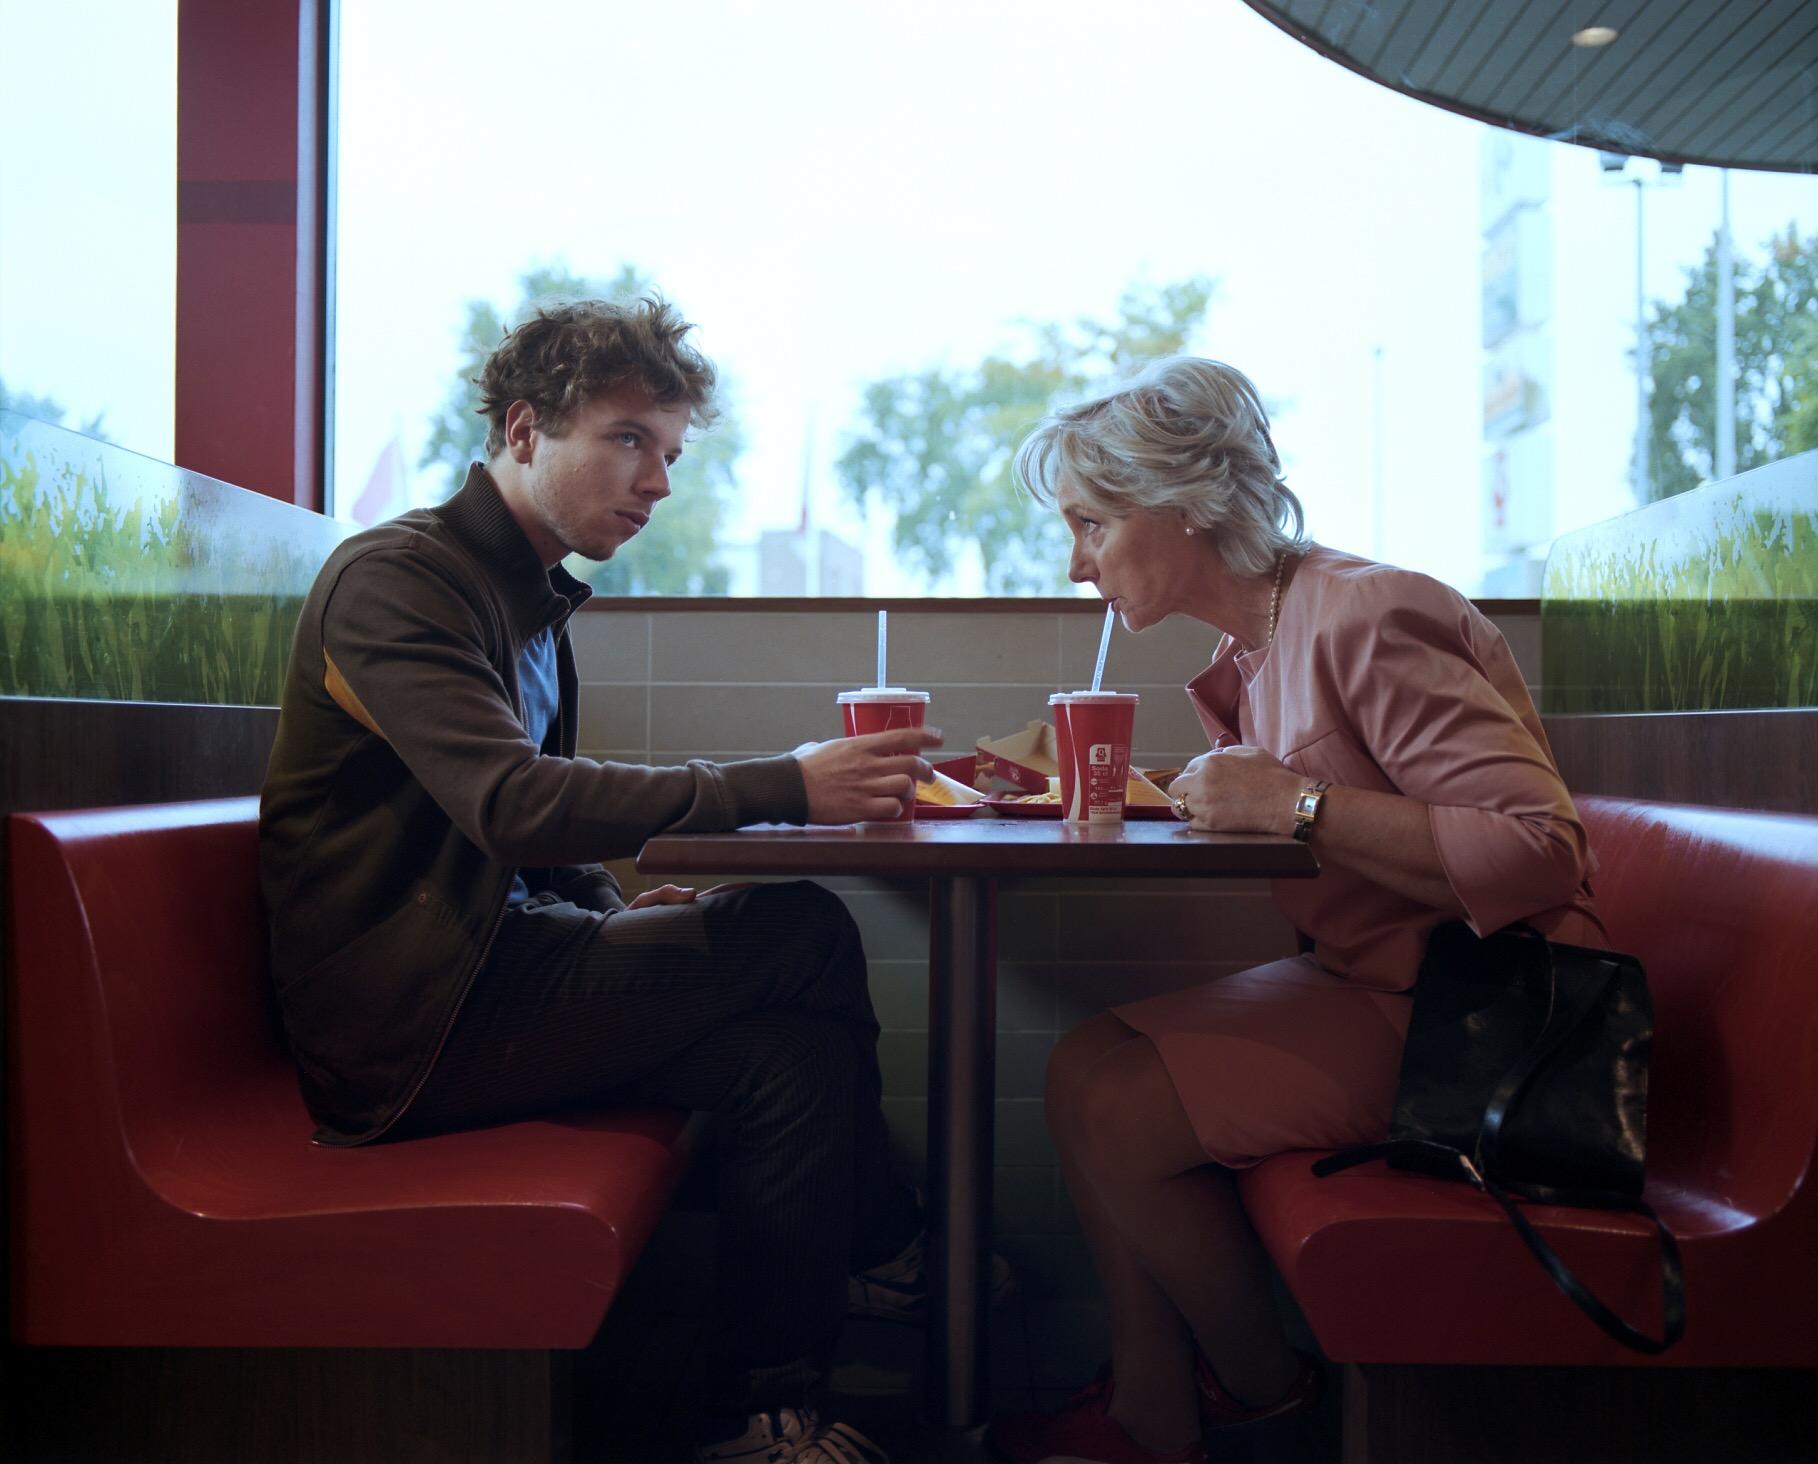 Ünlü oyuncunun kısa filmi Berlin Film Festivalinde 3